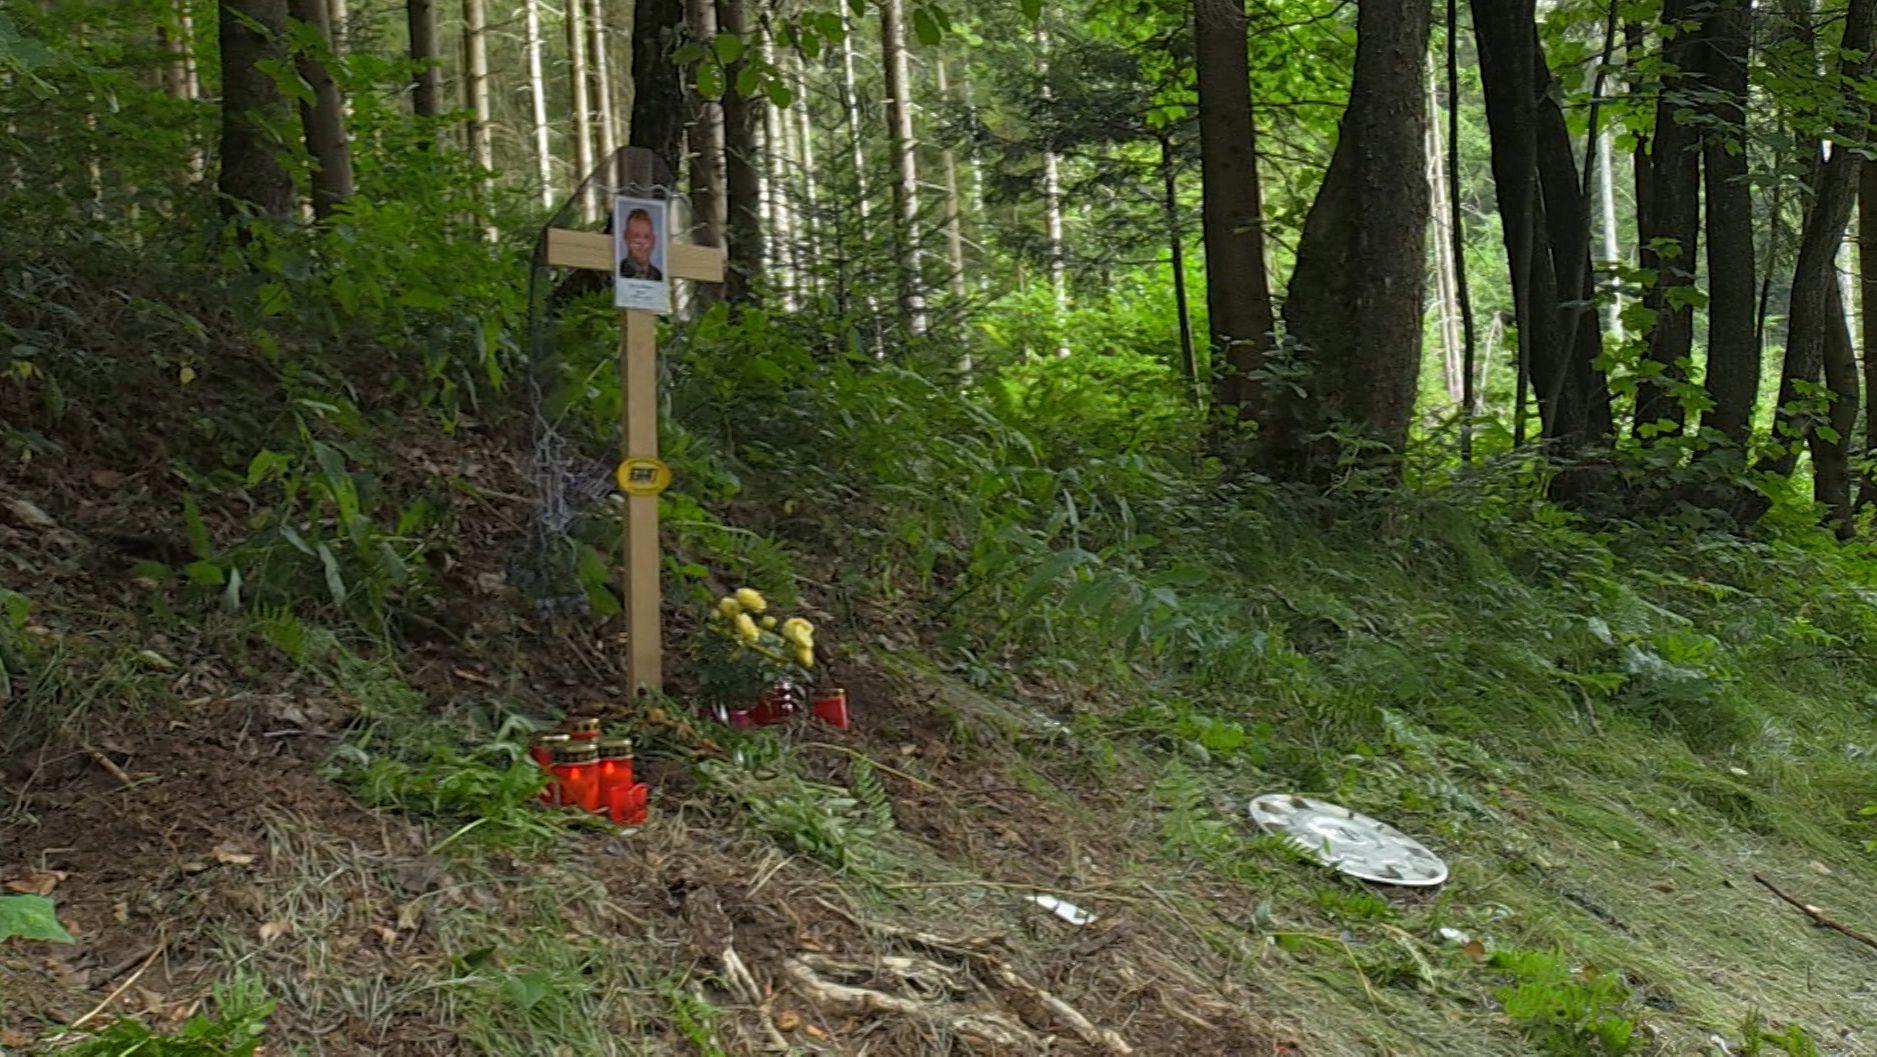 Kreuz am Straßenrand erinnert an den tödlich verunglückten Familienvater.